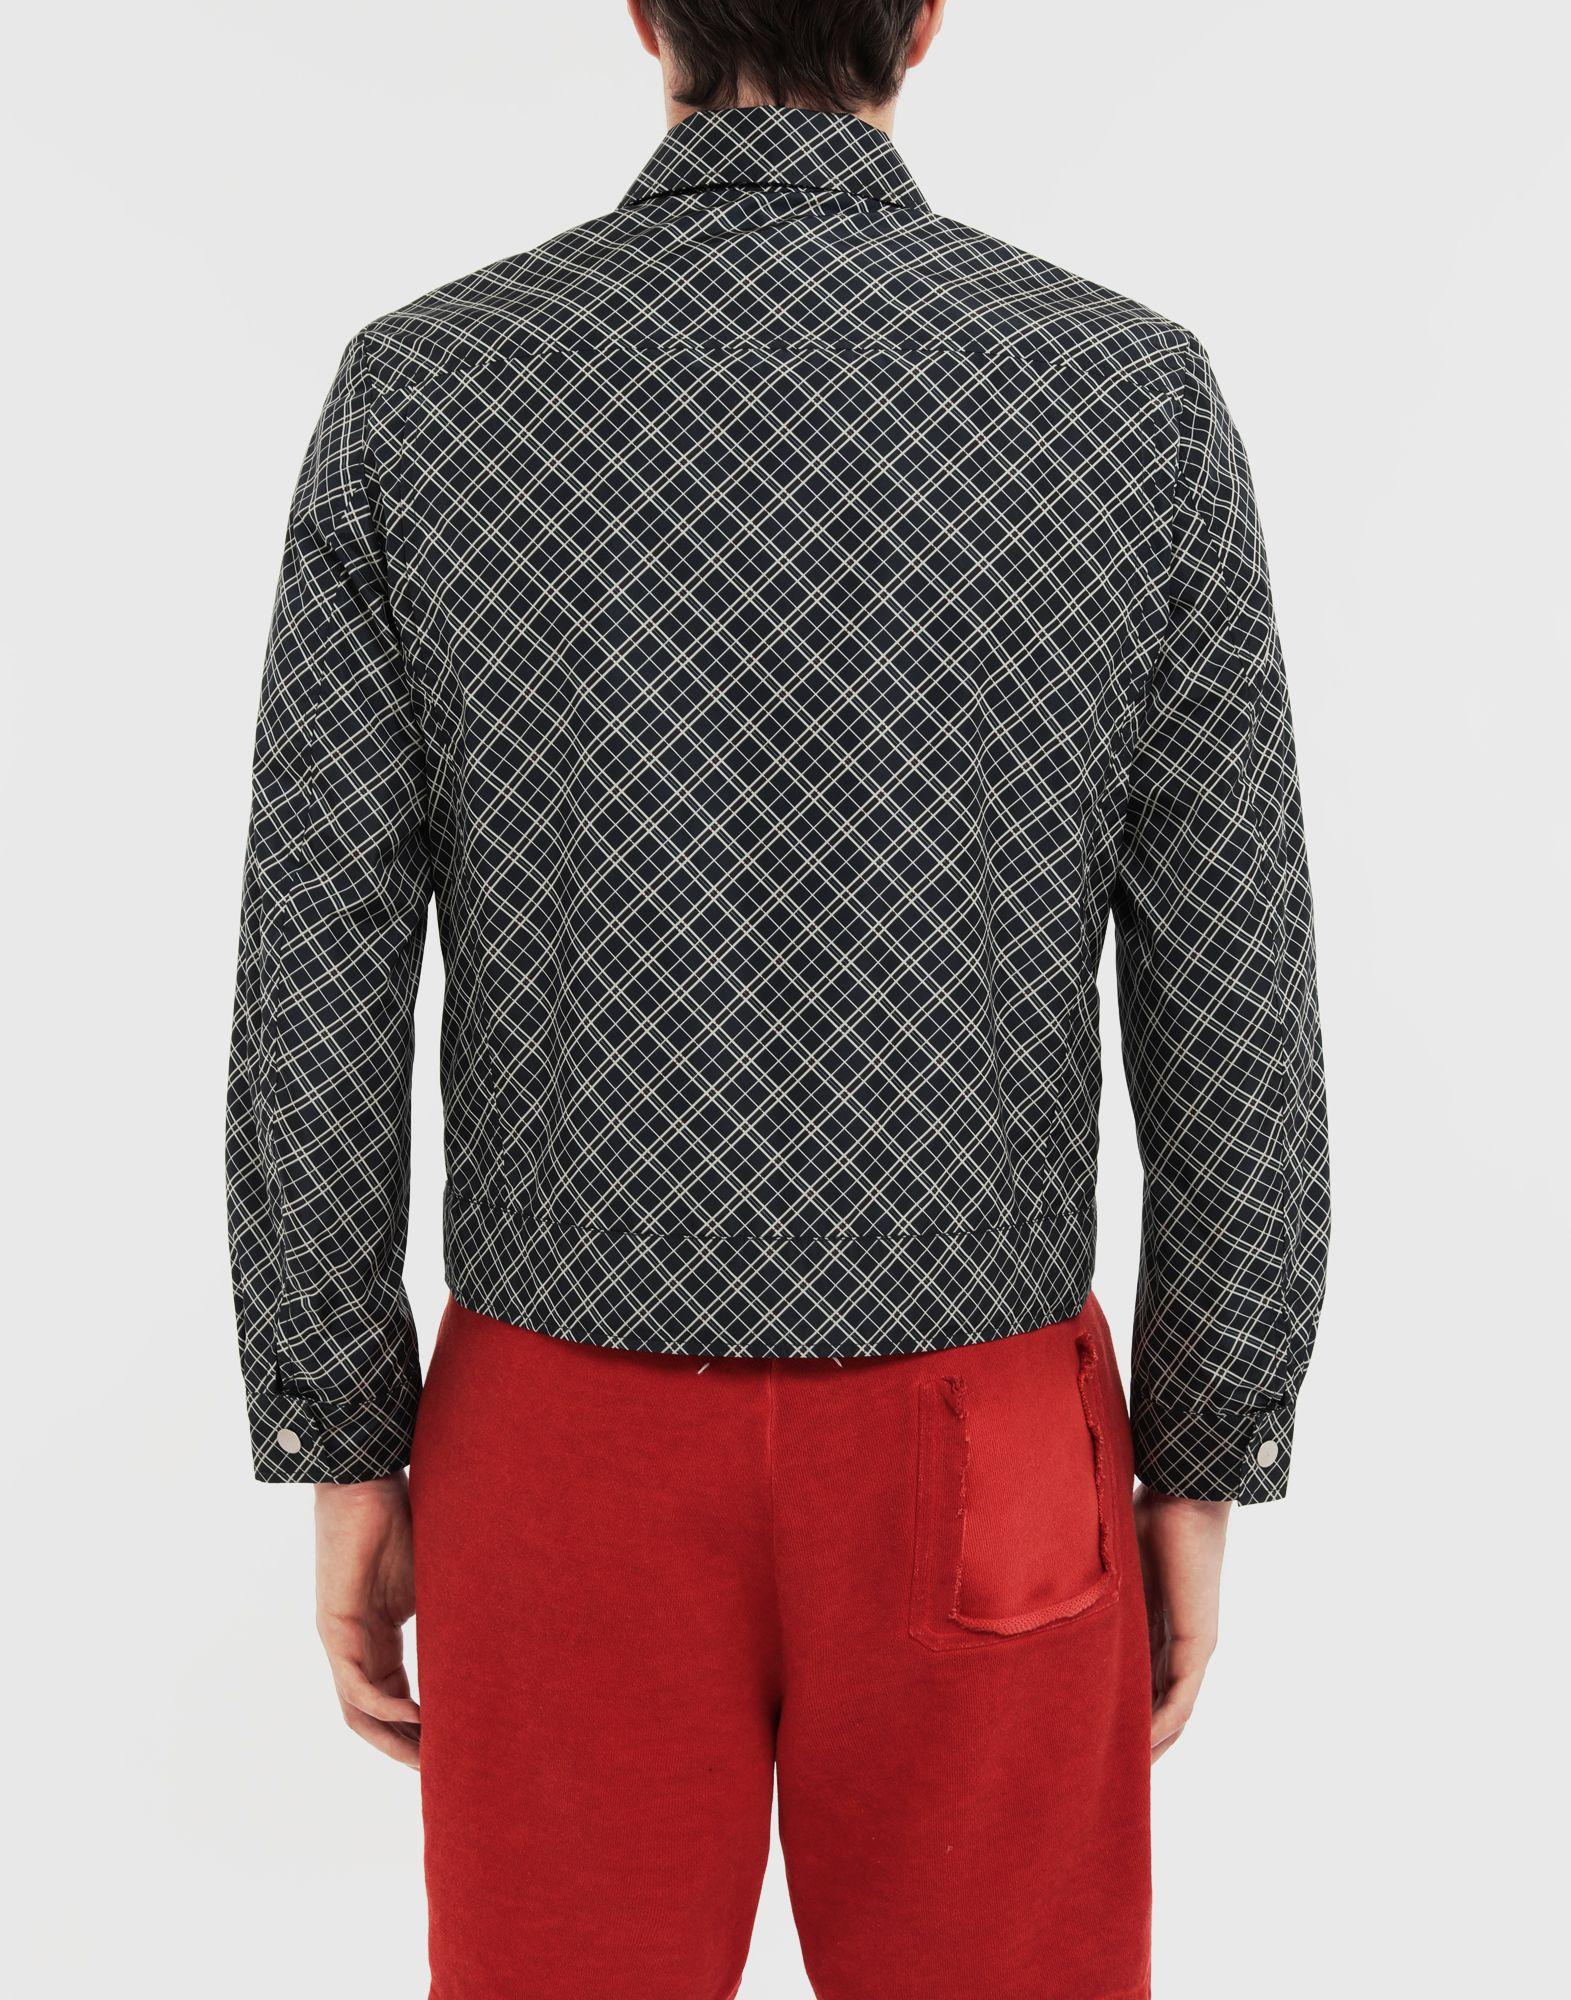 MAISON MARGIELA Checked sports jacket Coats and Trenches Man e